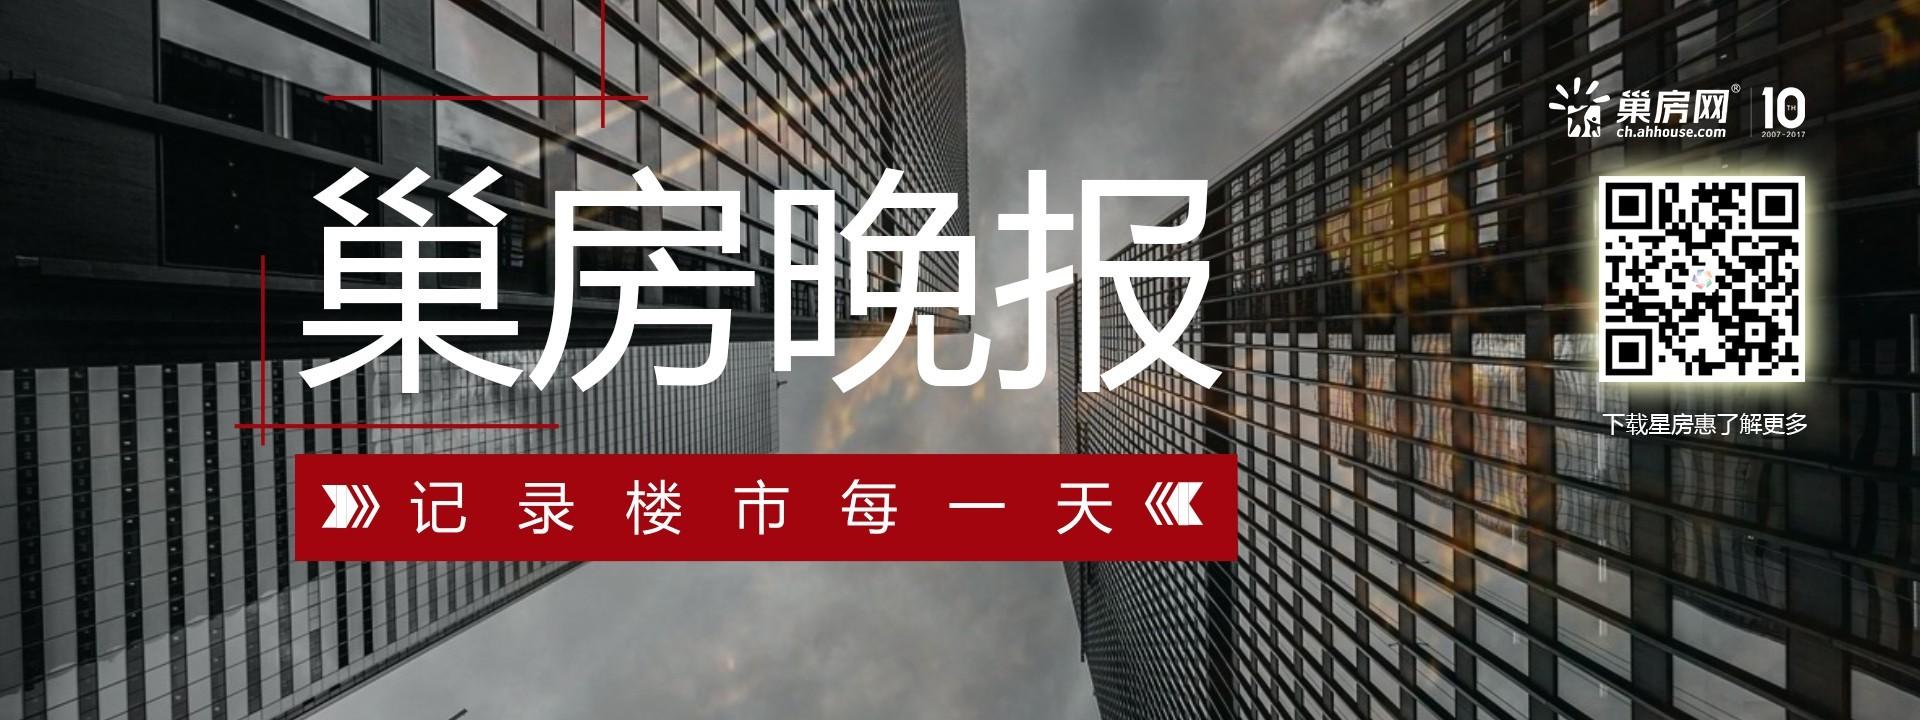 9月7日巢房网新闻晚报: 巢湖一物业公司砸售楼部